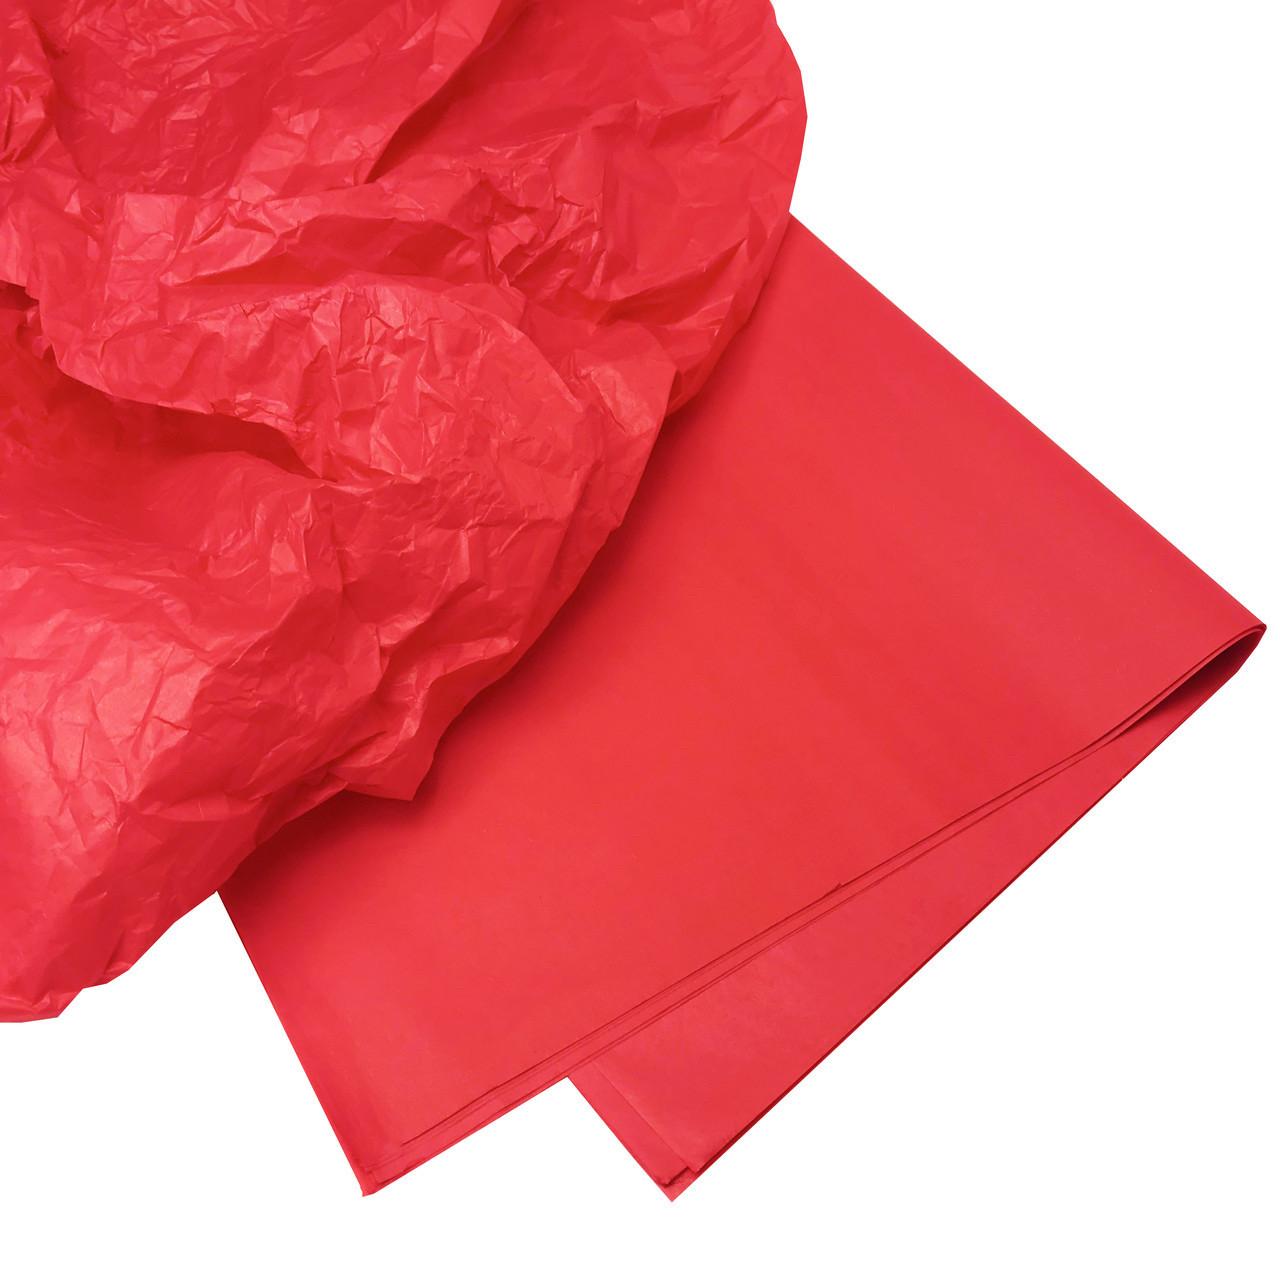 Купити тишею червона 10 аркушів